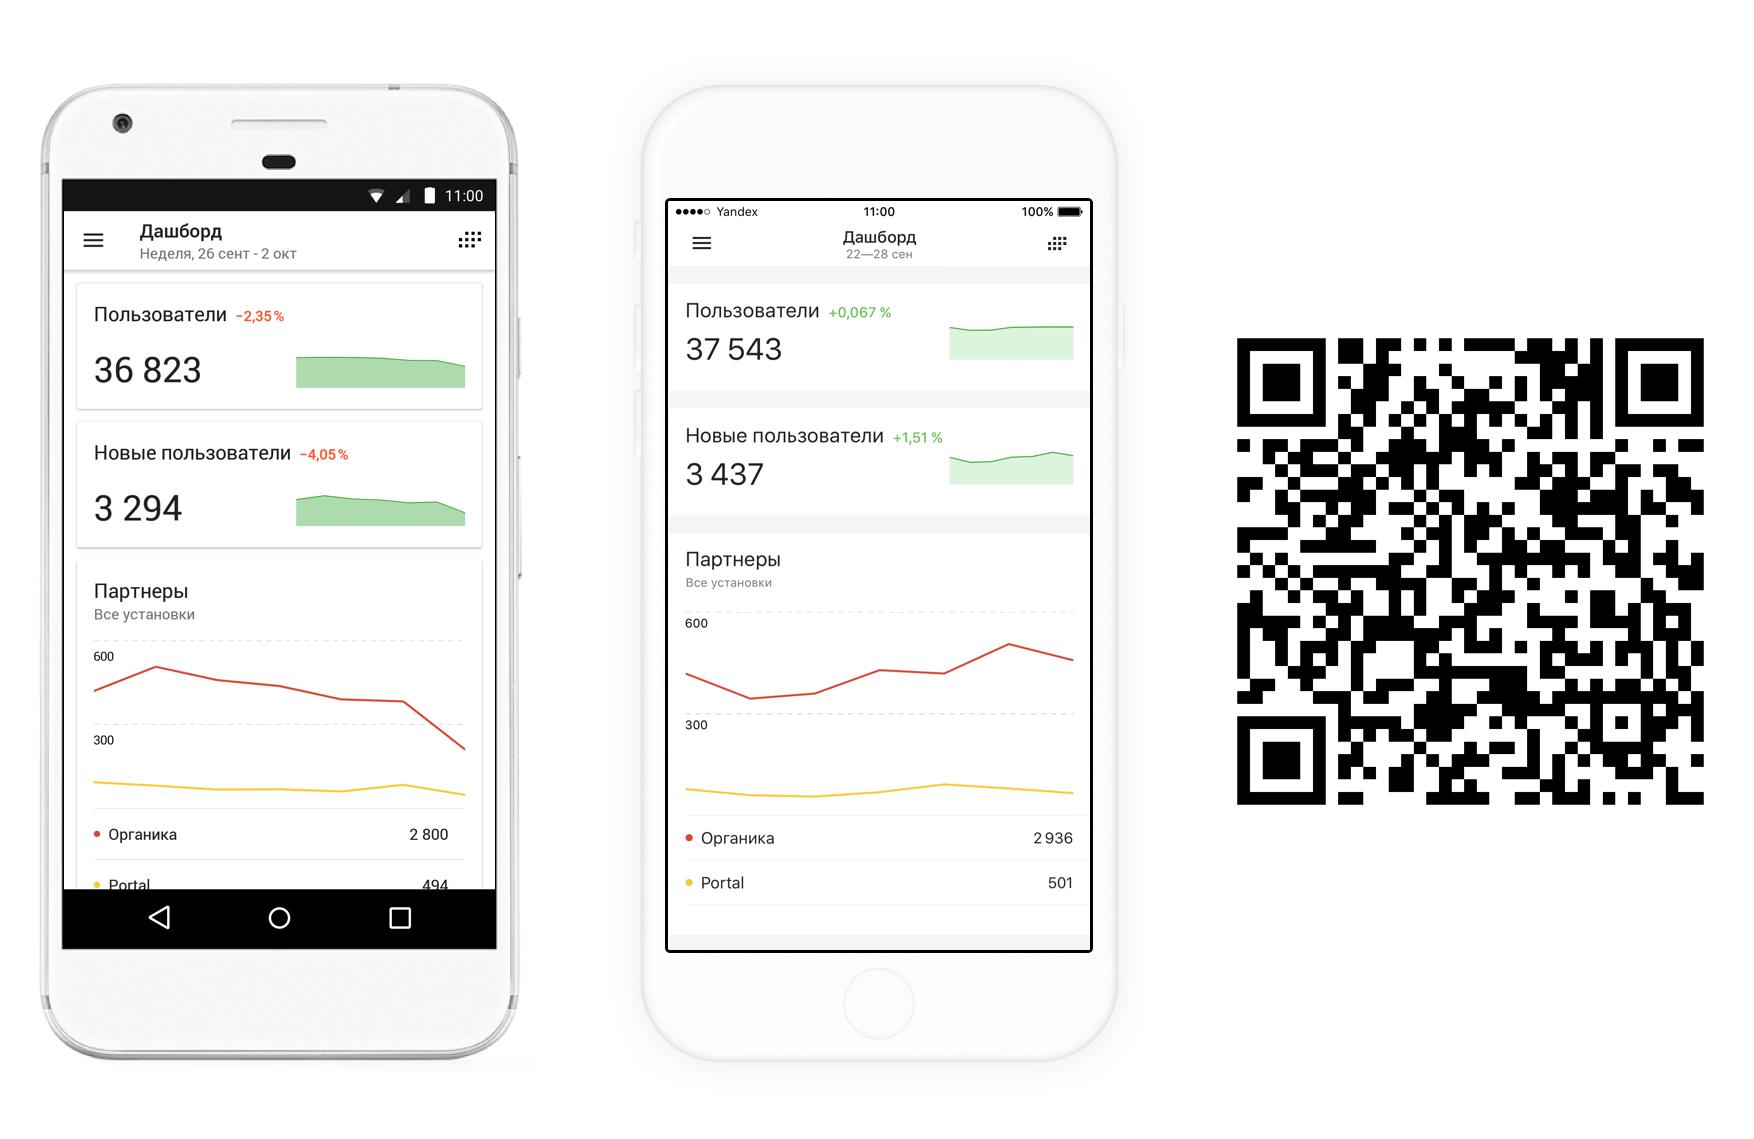 Яндекс представил приложение для отслеживание характеристик сайта AppMetrica